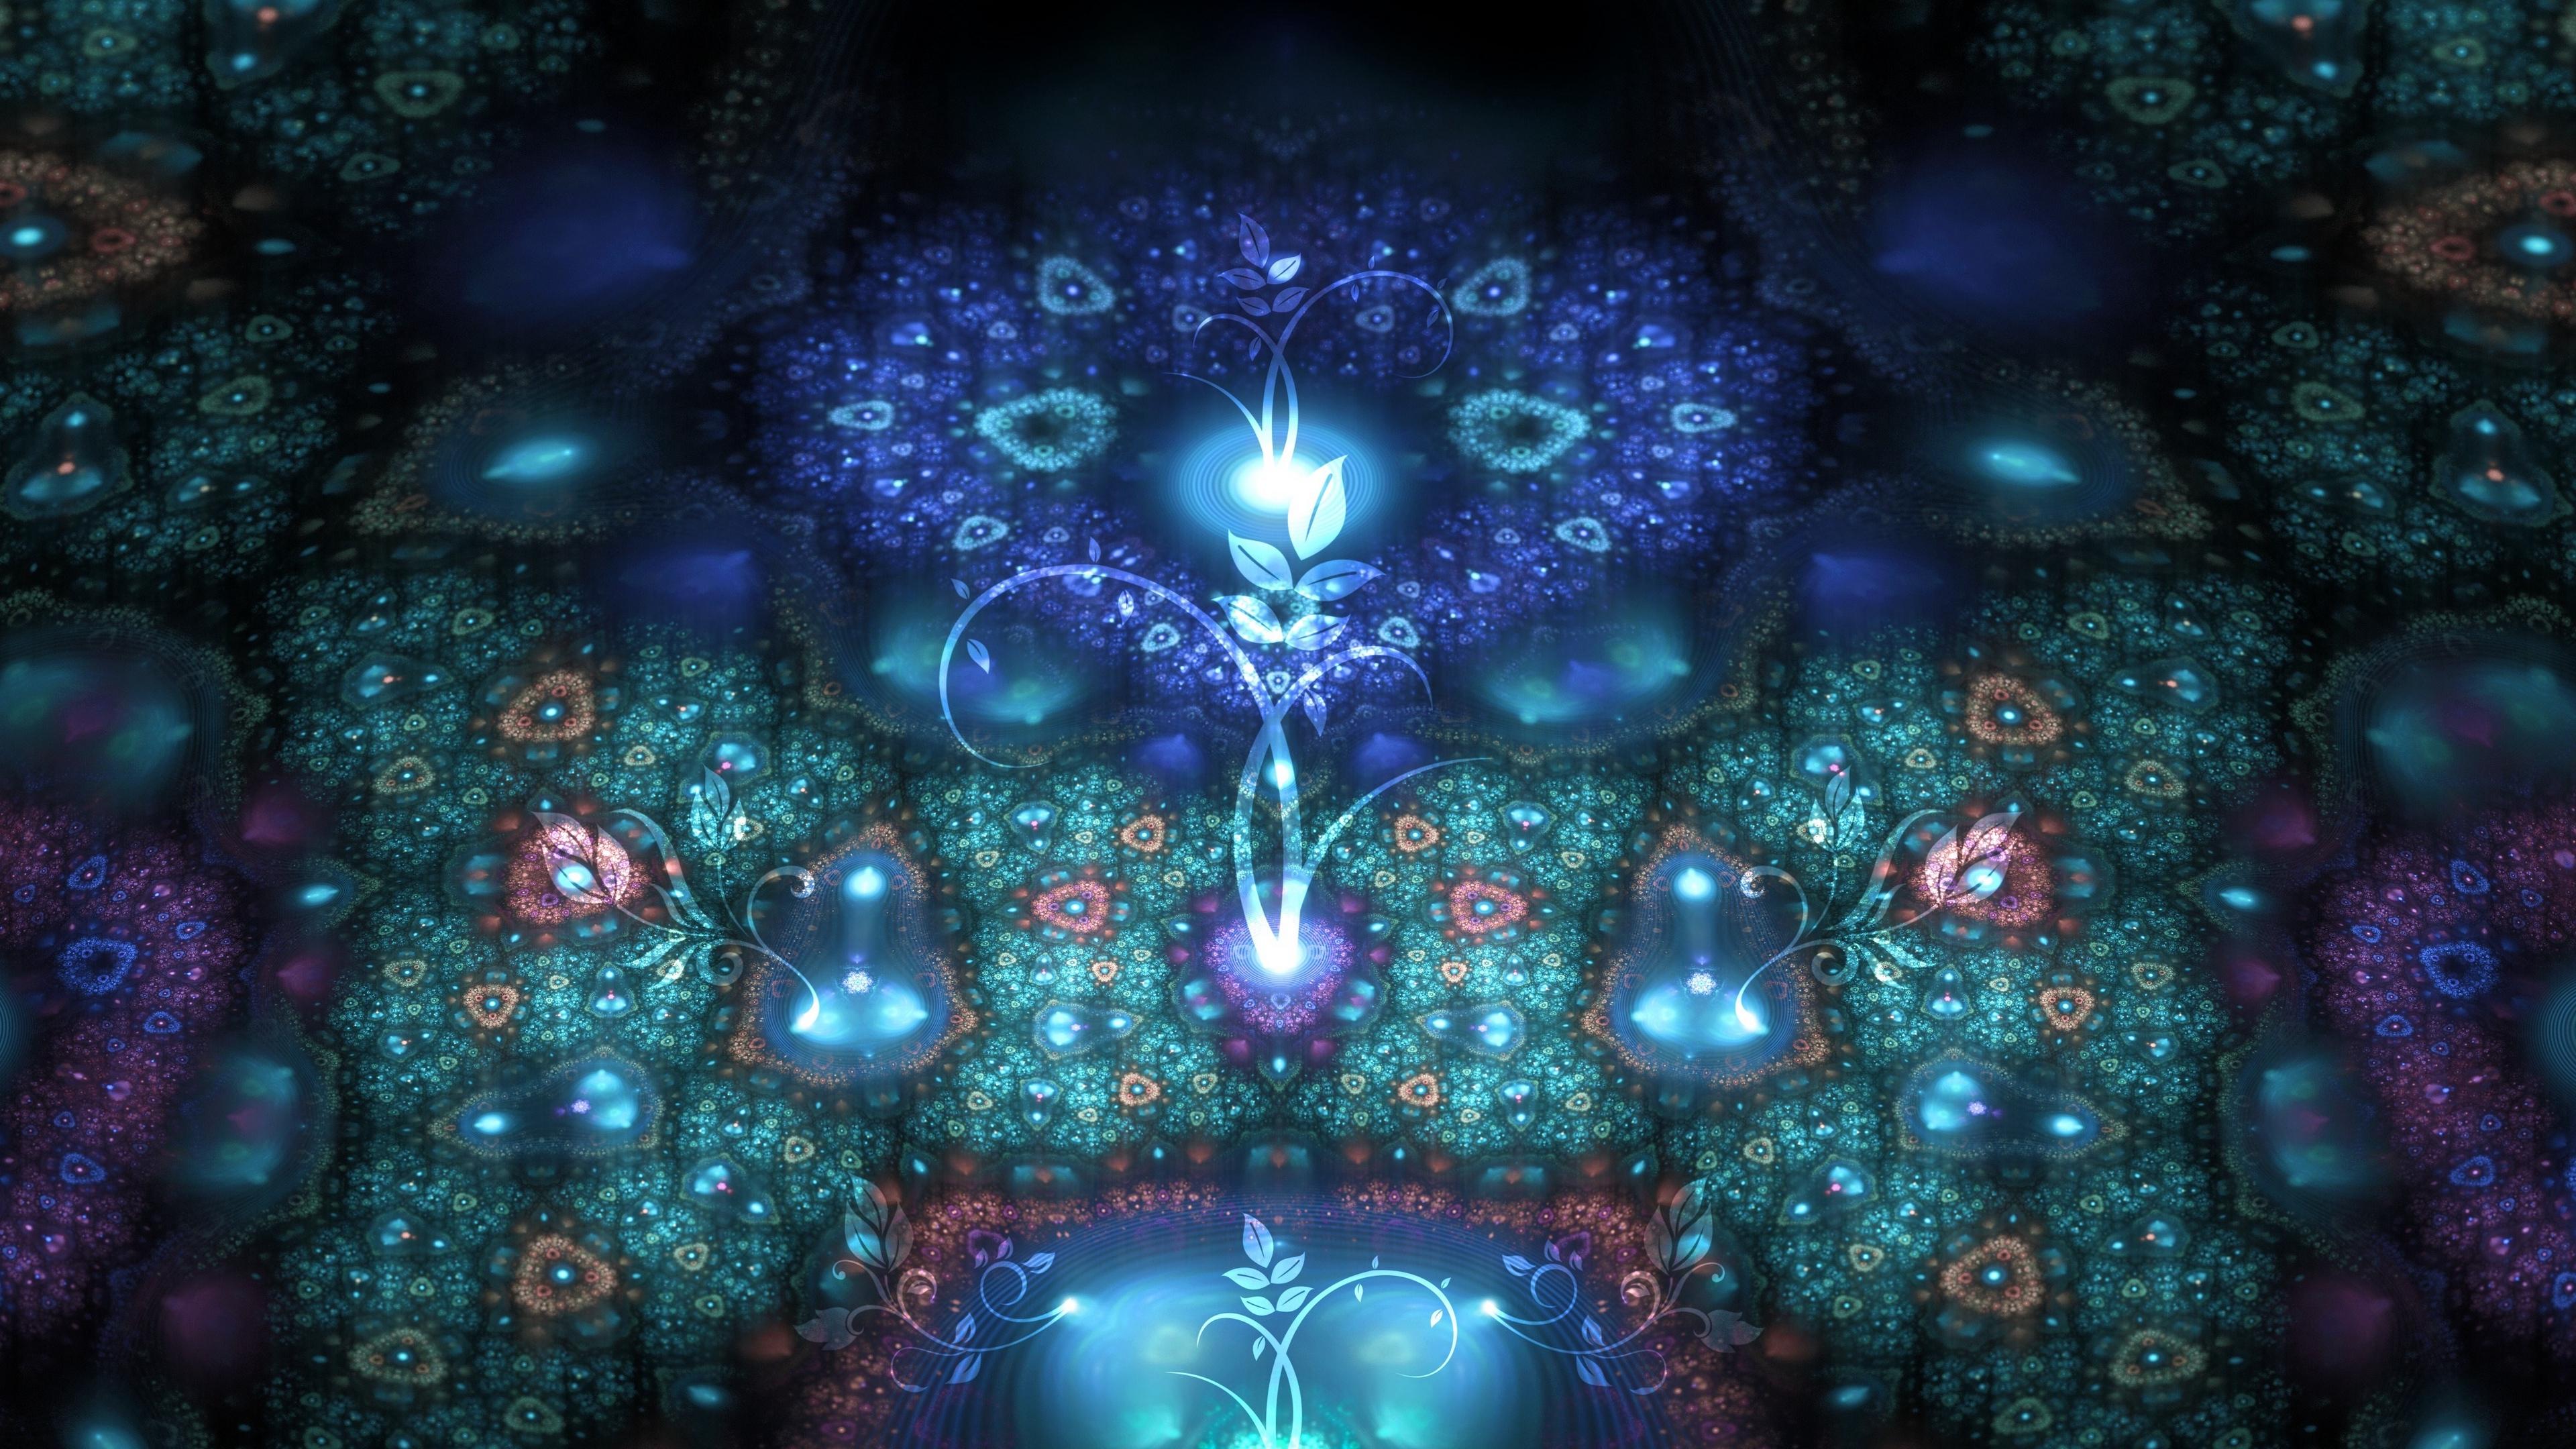 fractal patterns flowers shapes 4k 1539369978 - fractal, patterns, flowers, shapes 4k - patterns, Fractal, Flowers